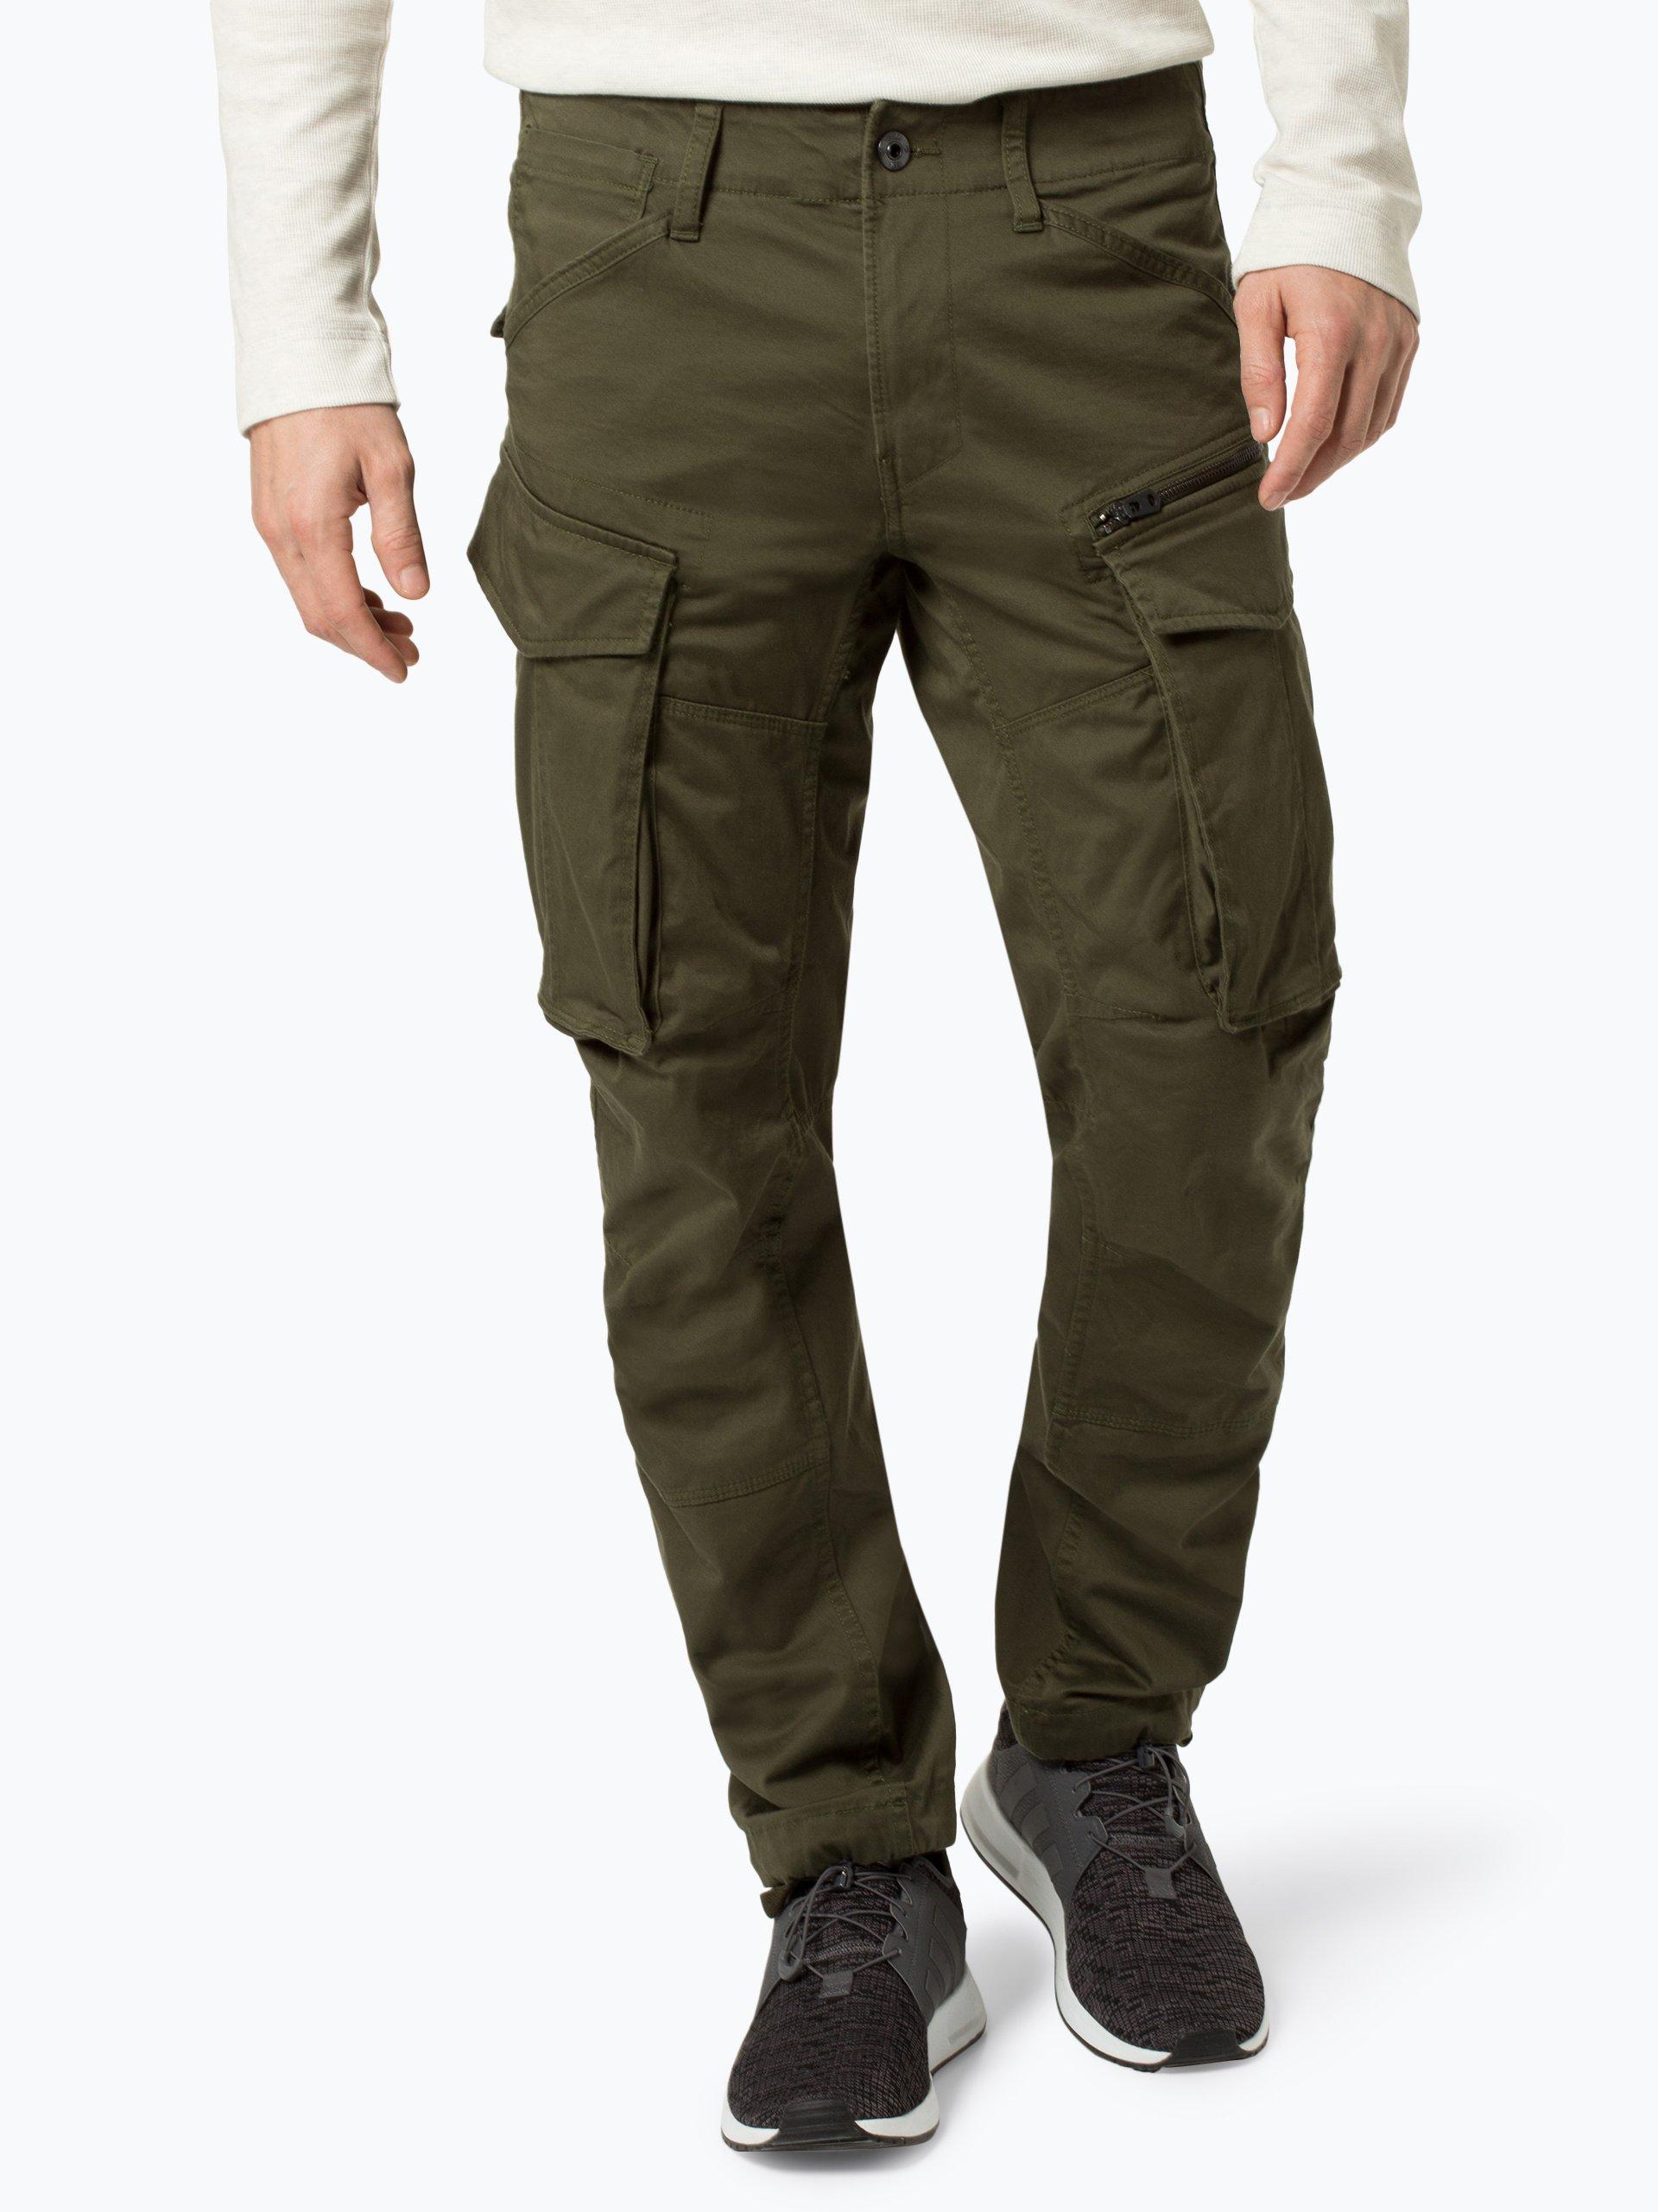 G-Star RAW Spodnie męskie – Rovic Zip 3D tapered